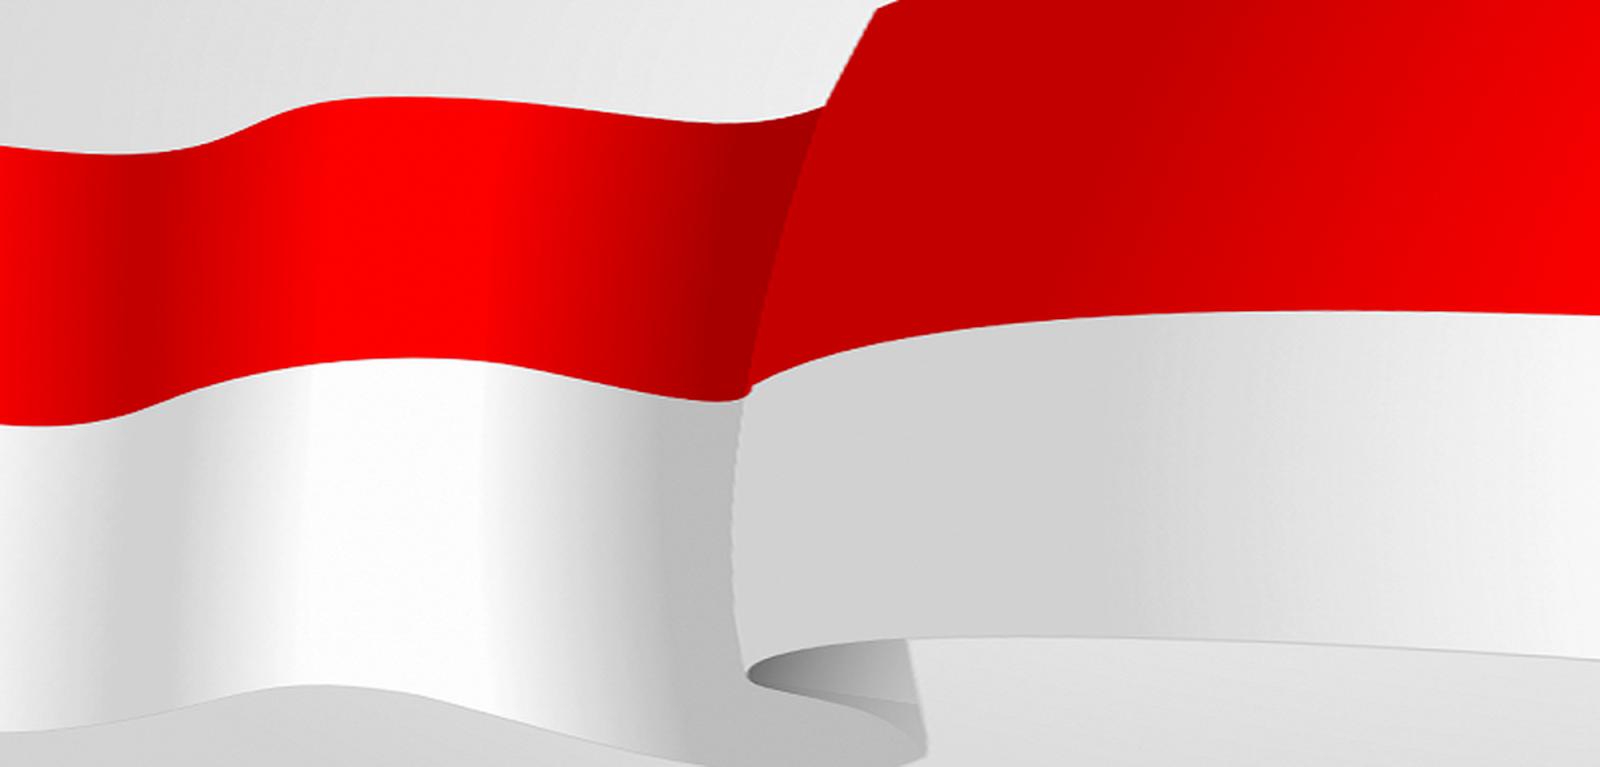 7 Tokoh Pahlawan Revolusi Paling Terkenal dan Misterius di Indonesia